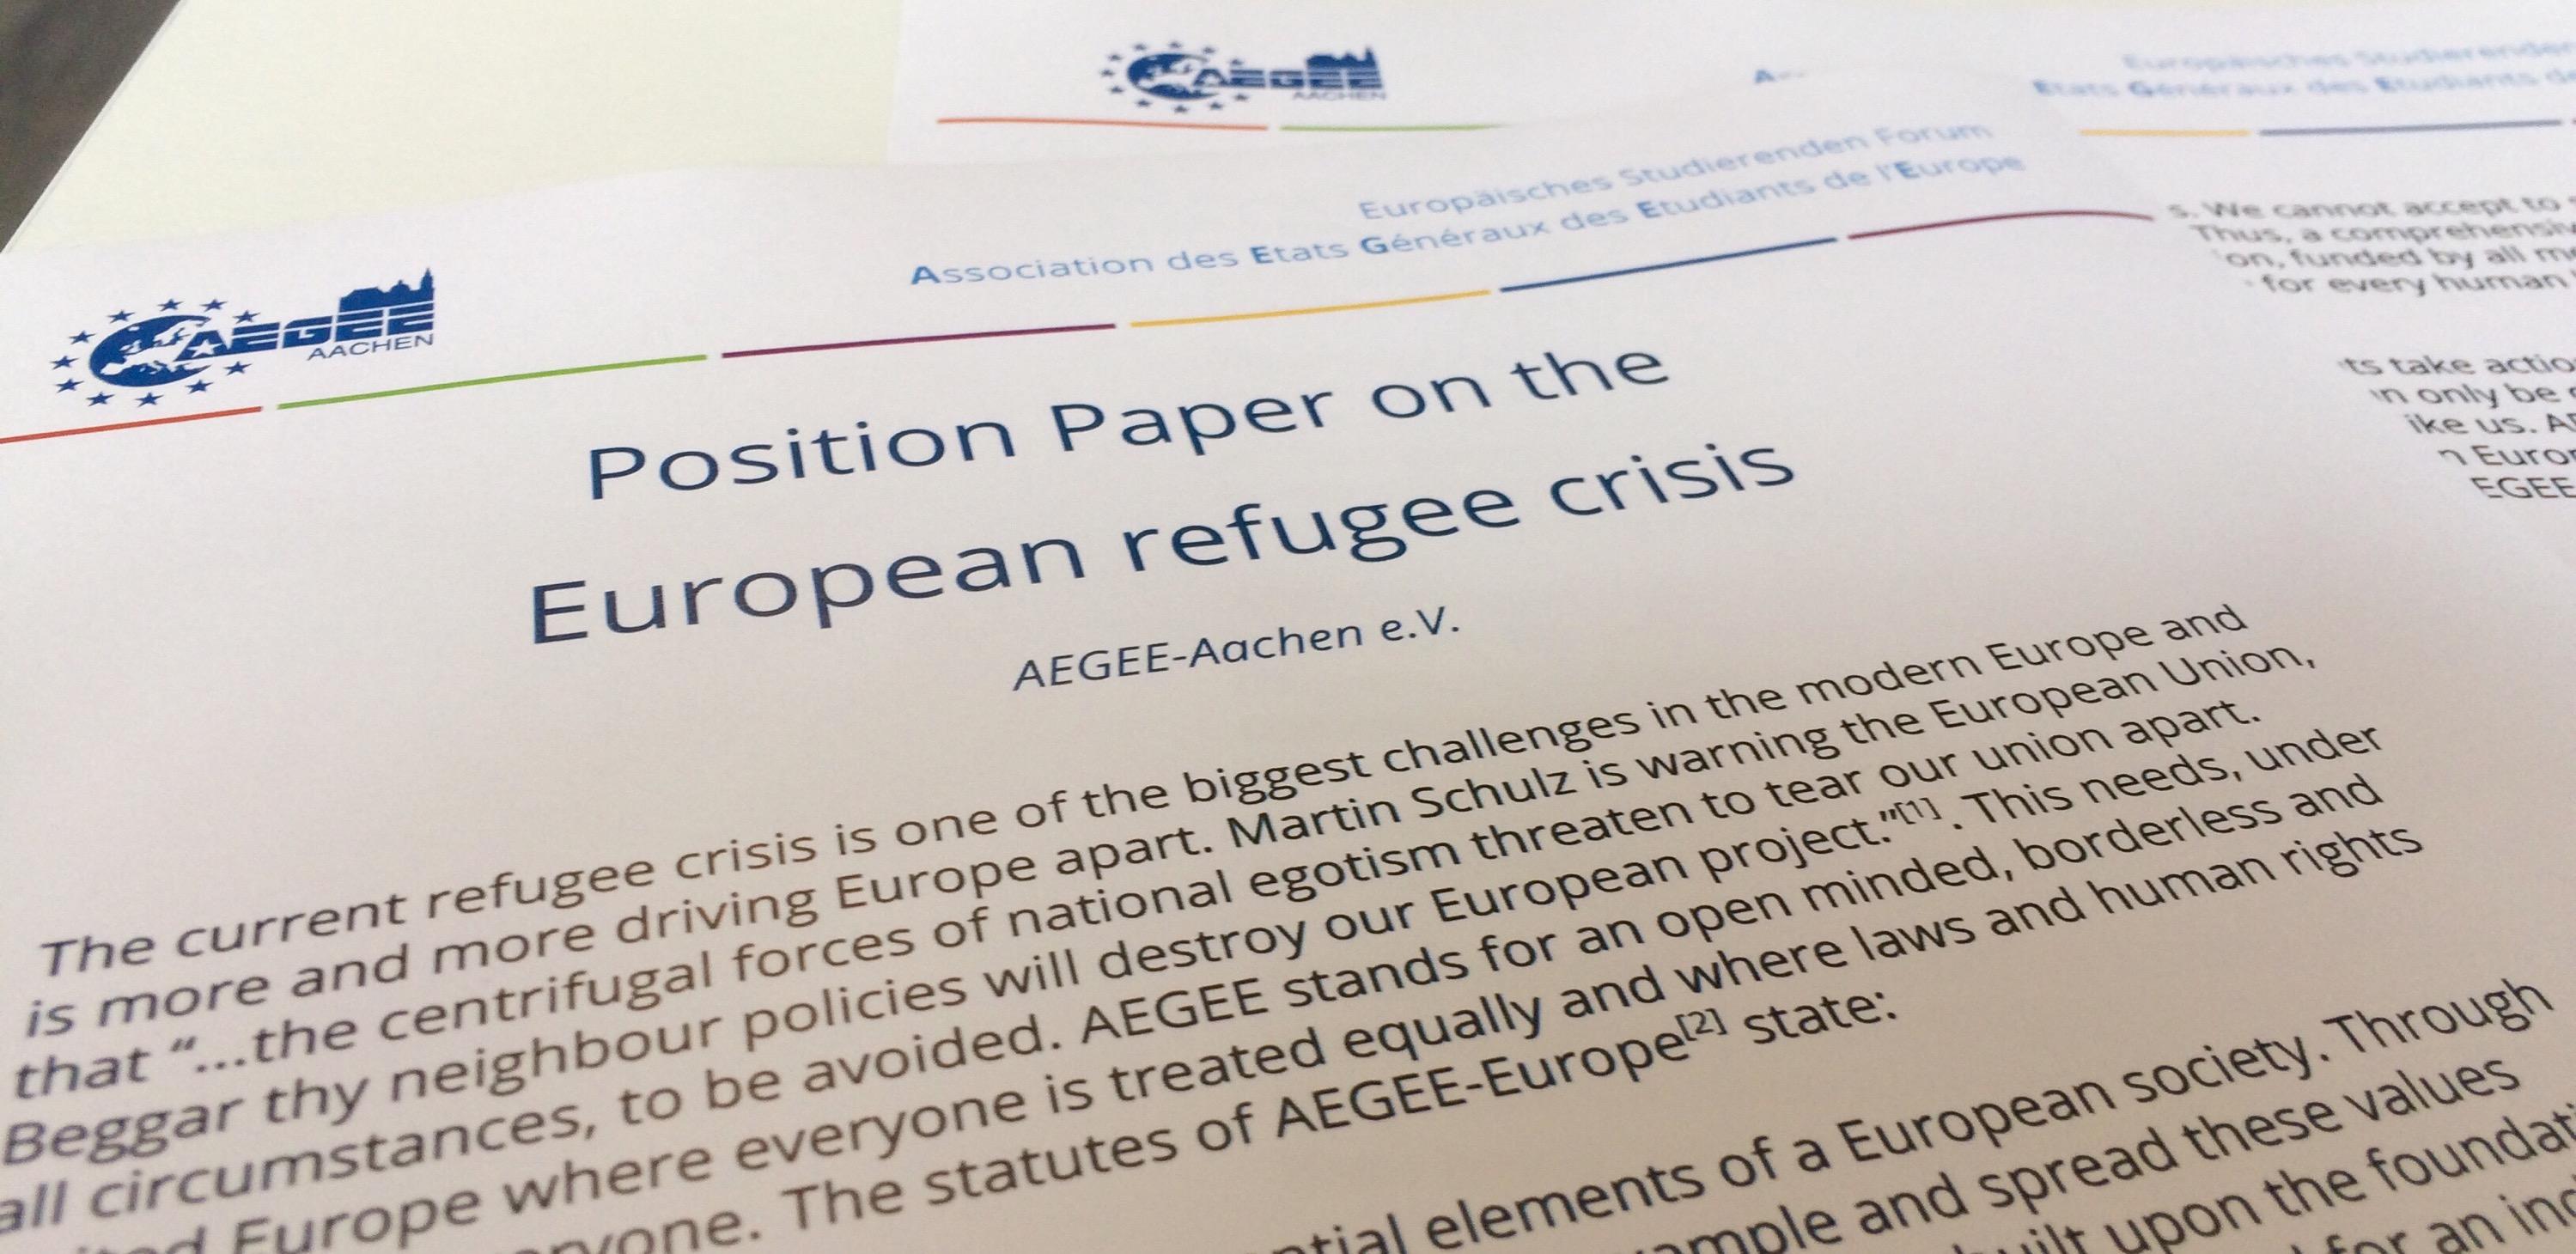 AEGEE Aachen Positionspapier zur Flüchtlingskrise in Europa